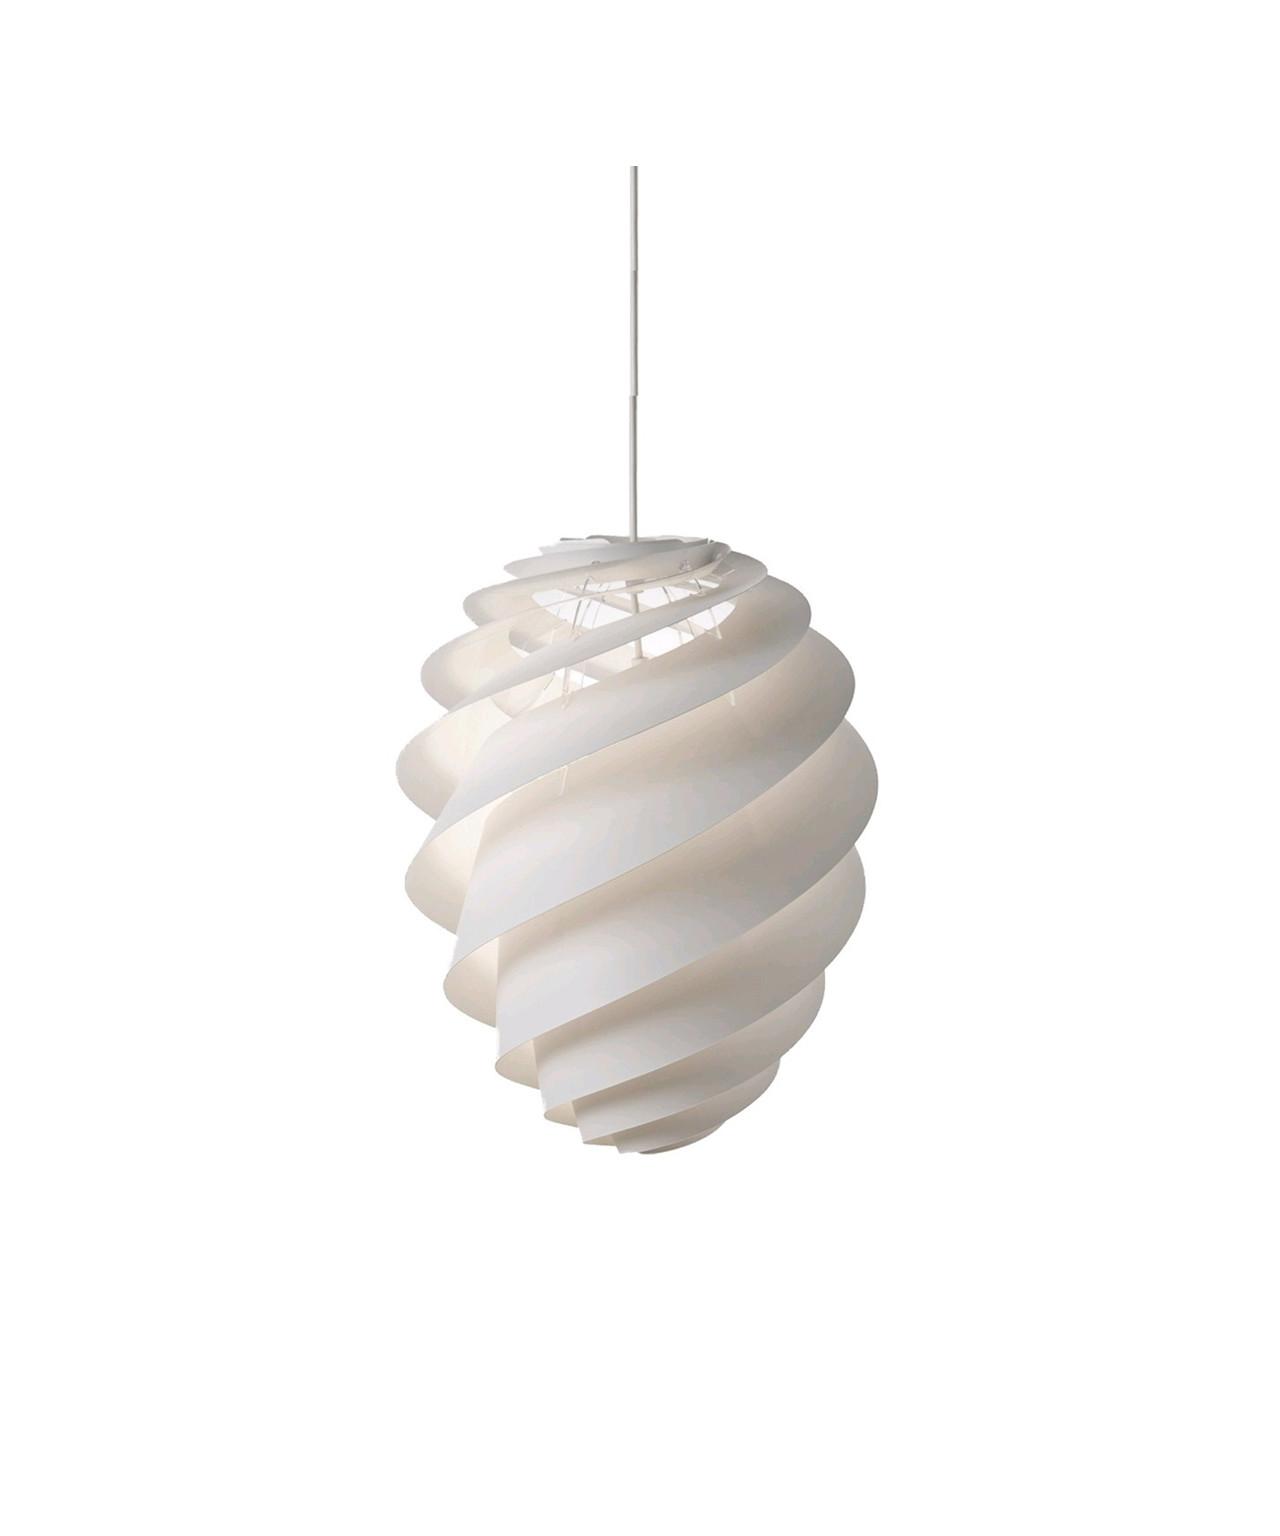 Le klint – Swirl 2 pendel small hvid - le klint fra lampemesteren.dk